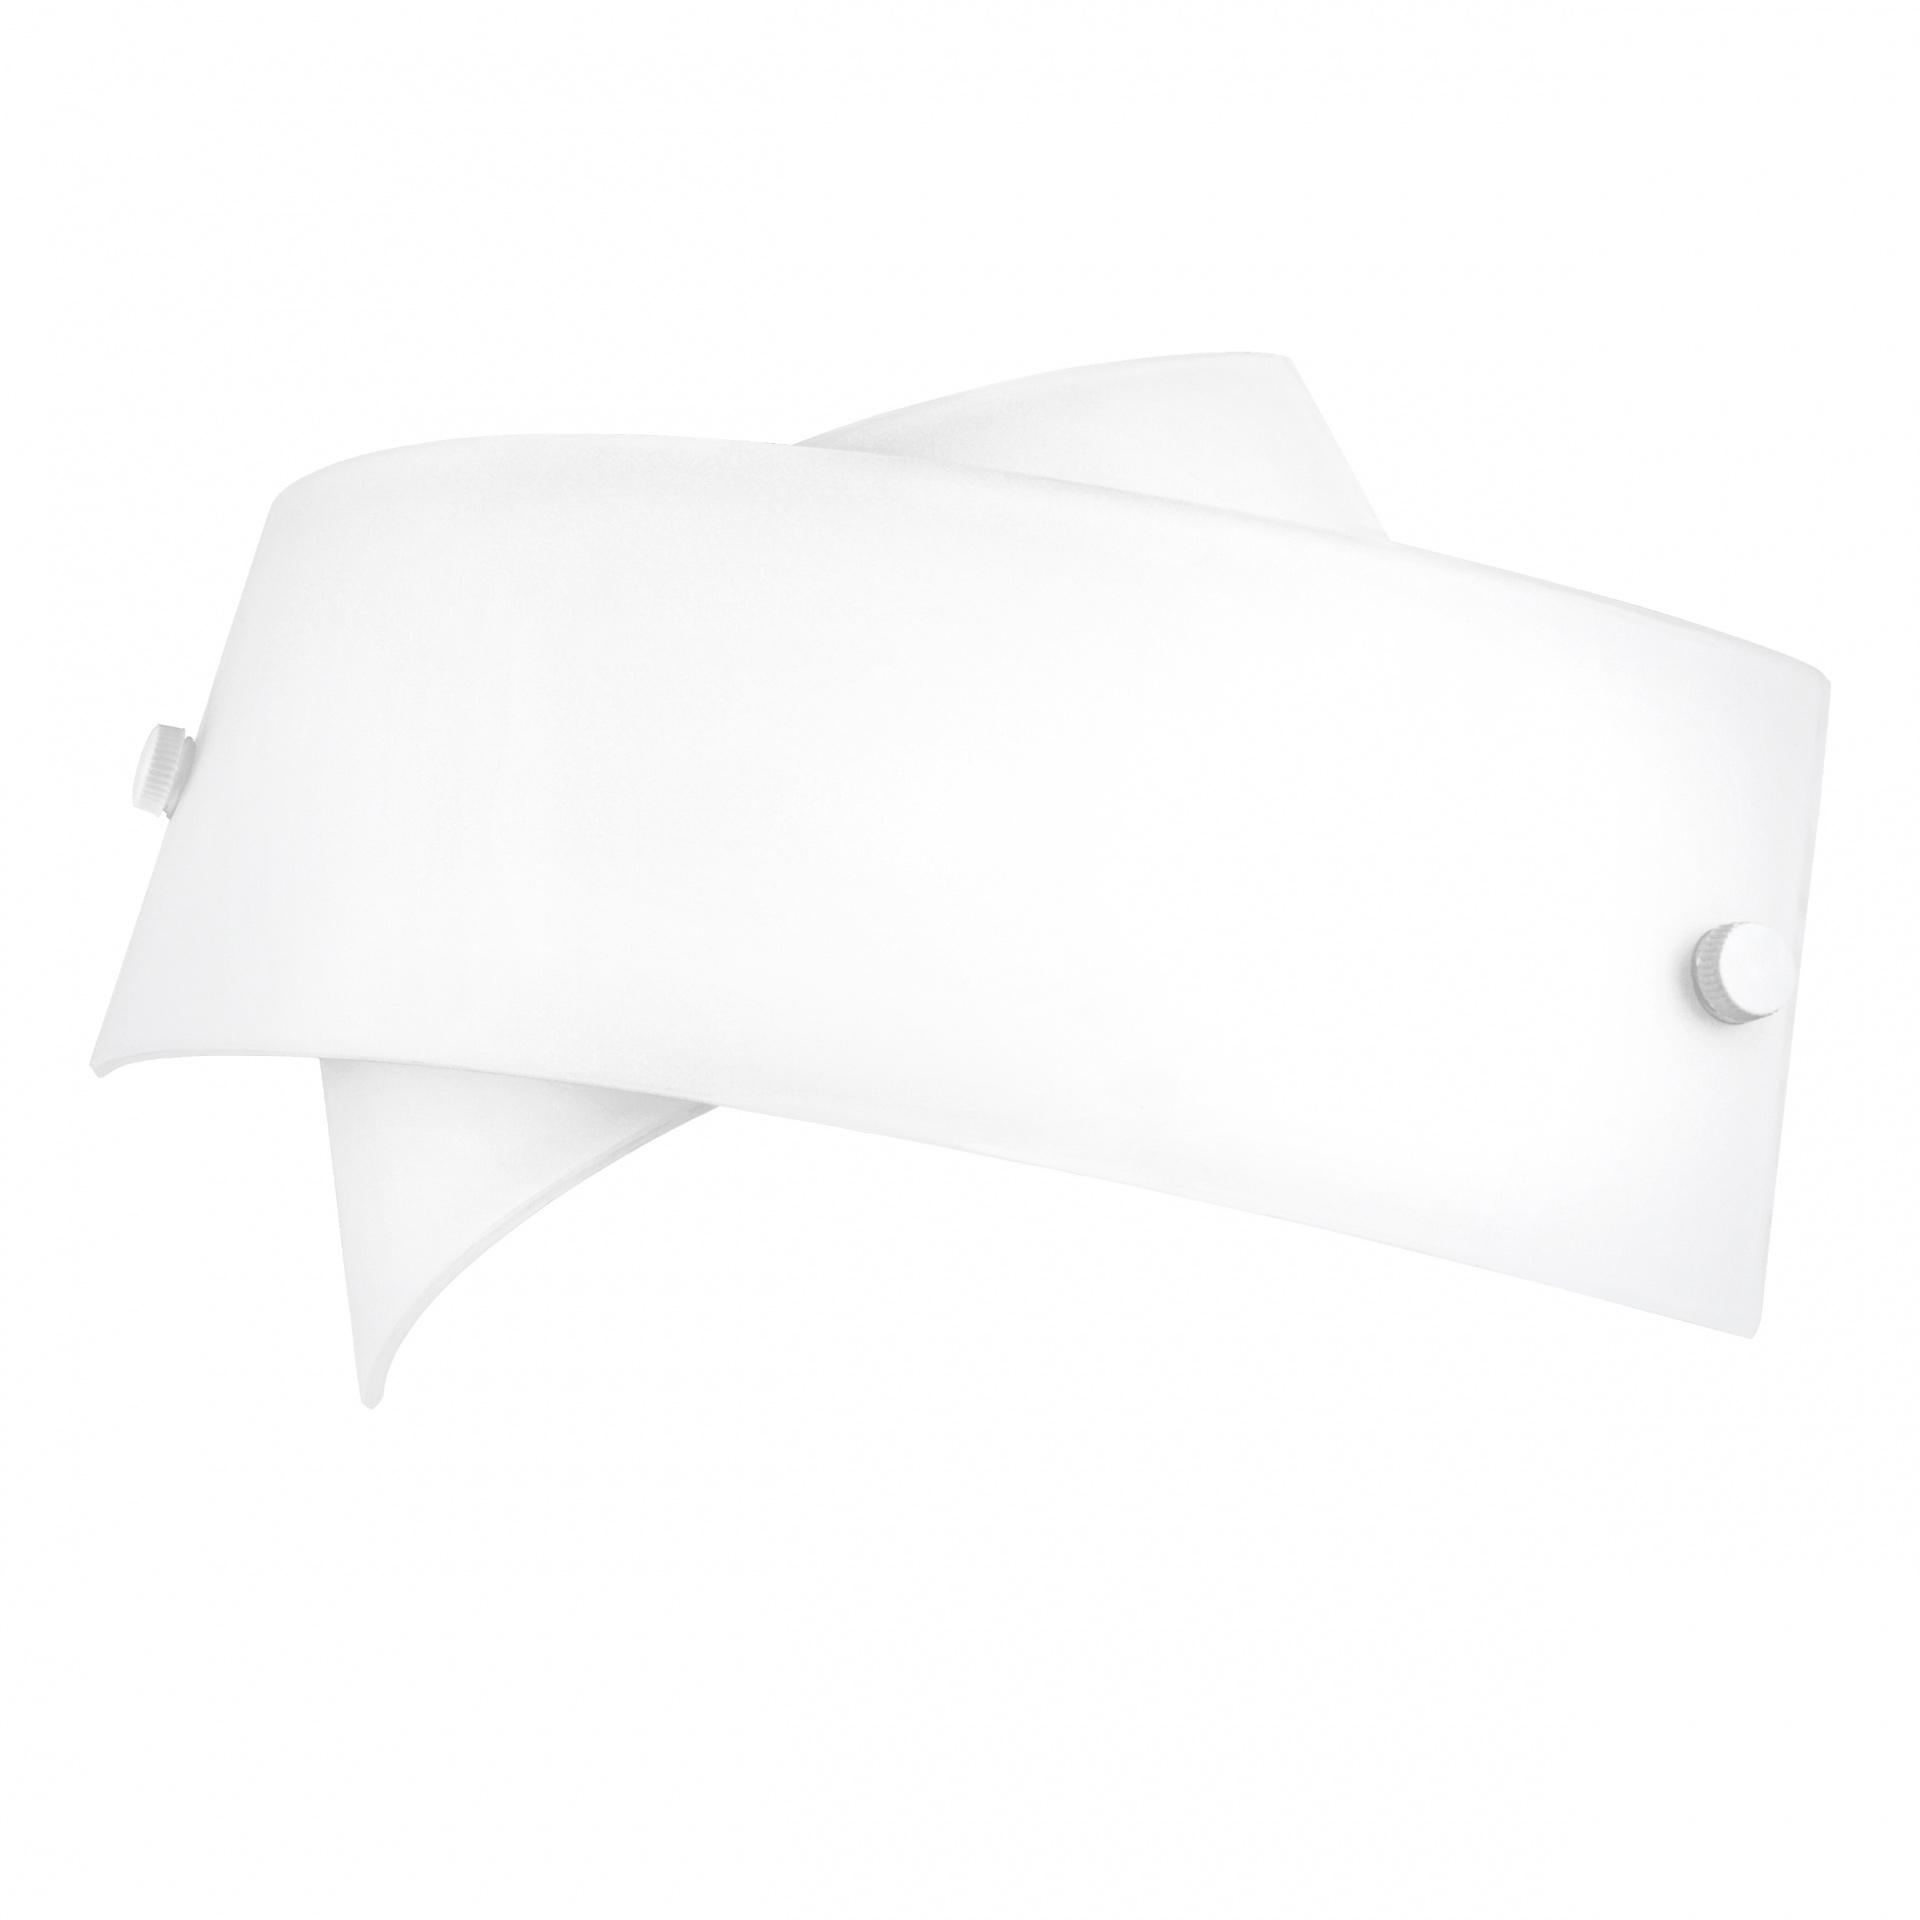 Бра Virata 1х75W R7s белый Lightstar 805600, купить в СПб, Москве, с доставкой, Санкт-Петербург, интернет-магазин люстр и светильников Starlight, фото в жизни